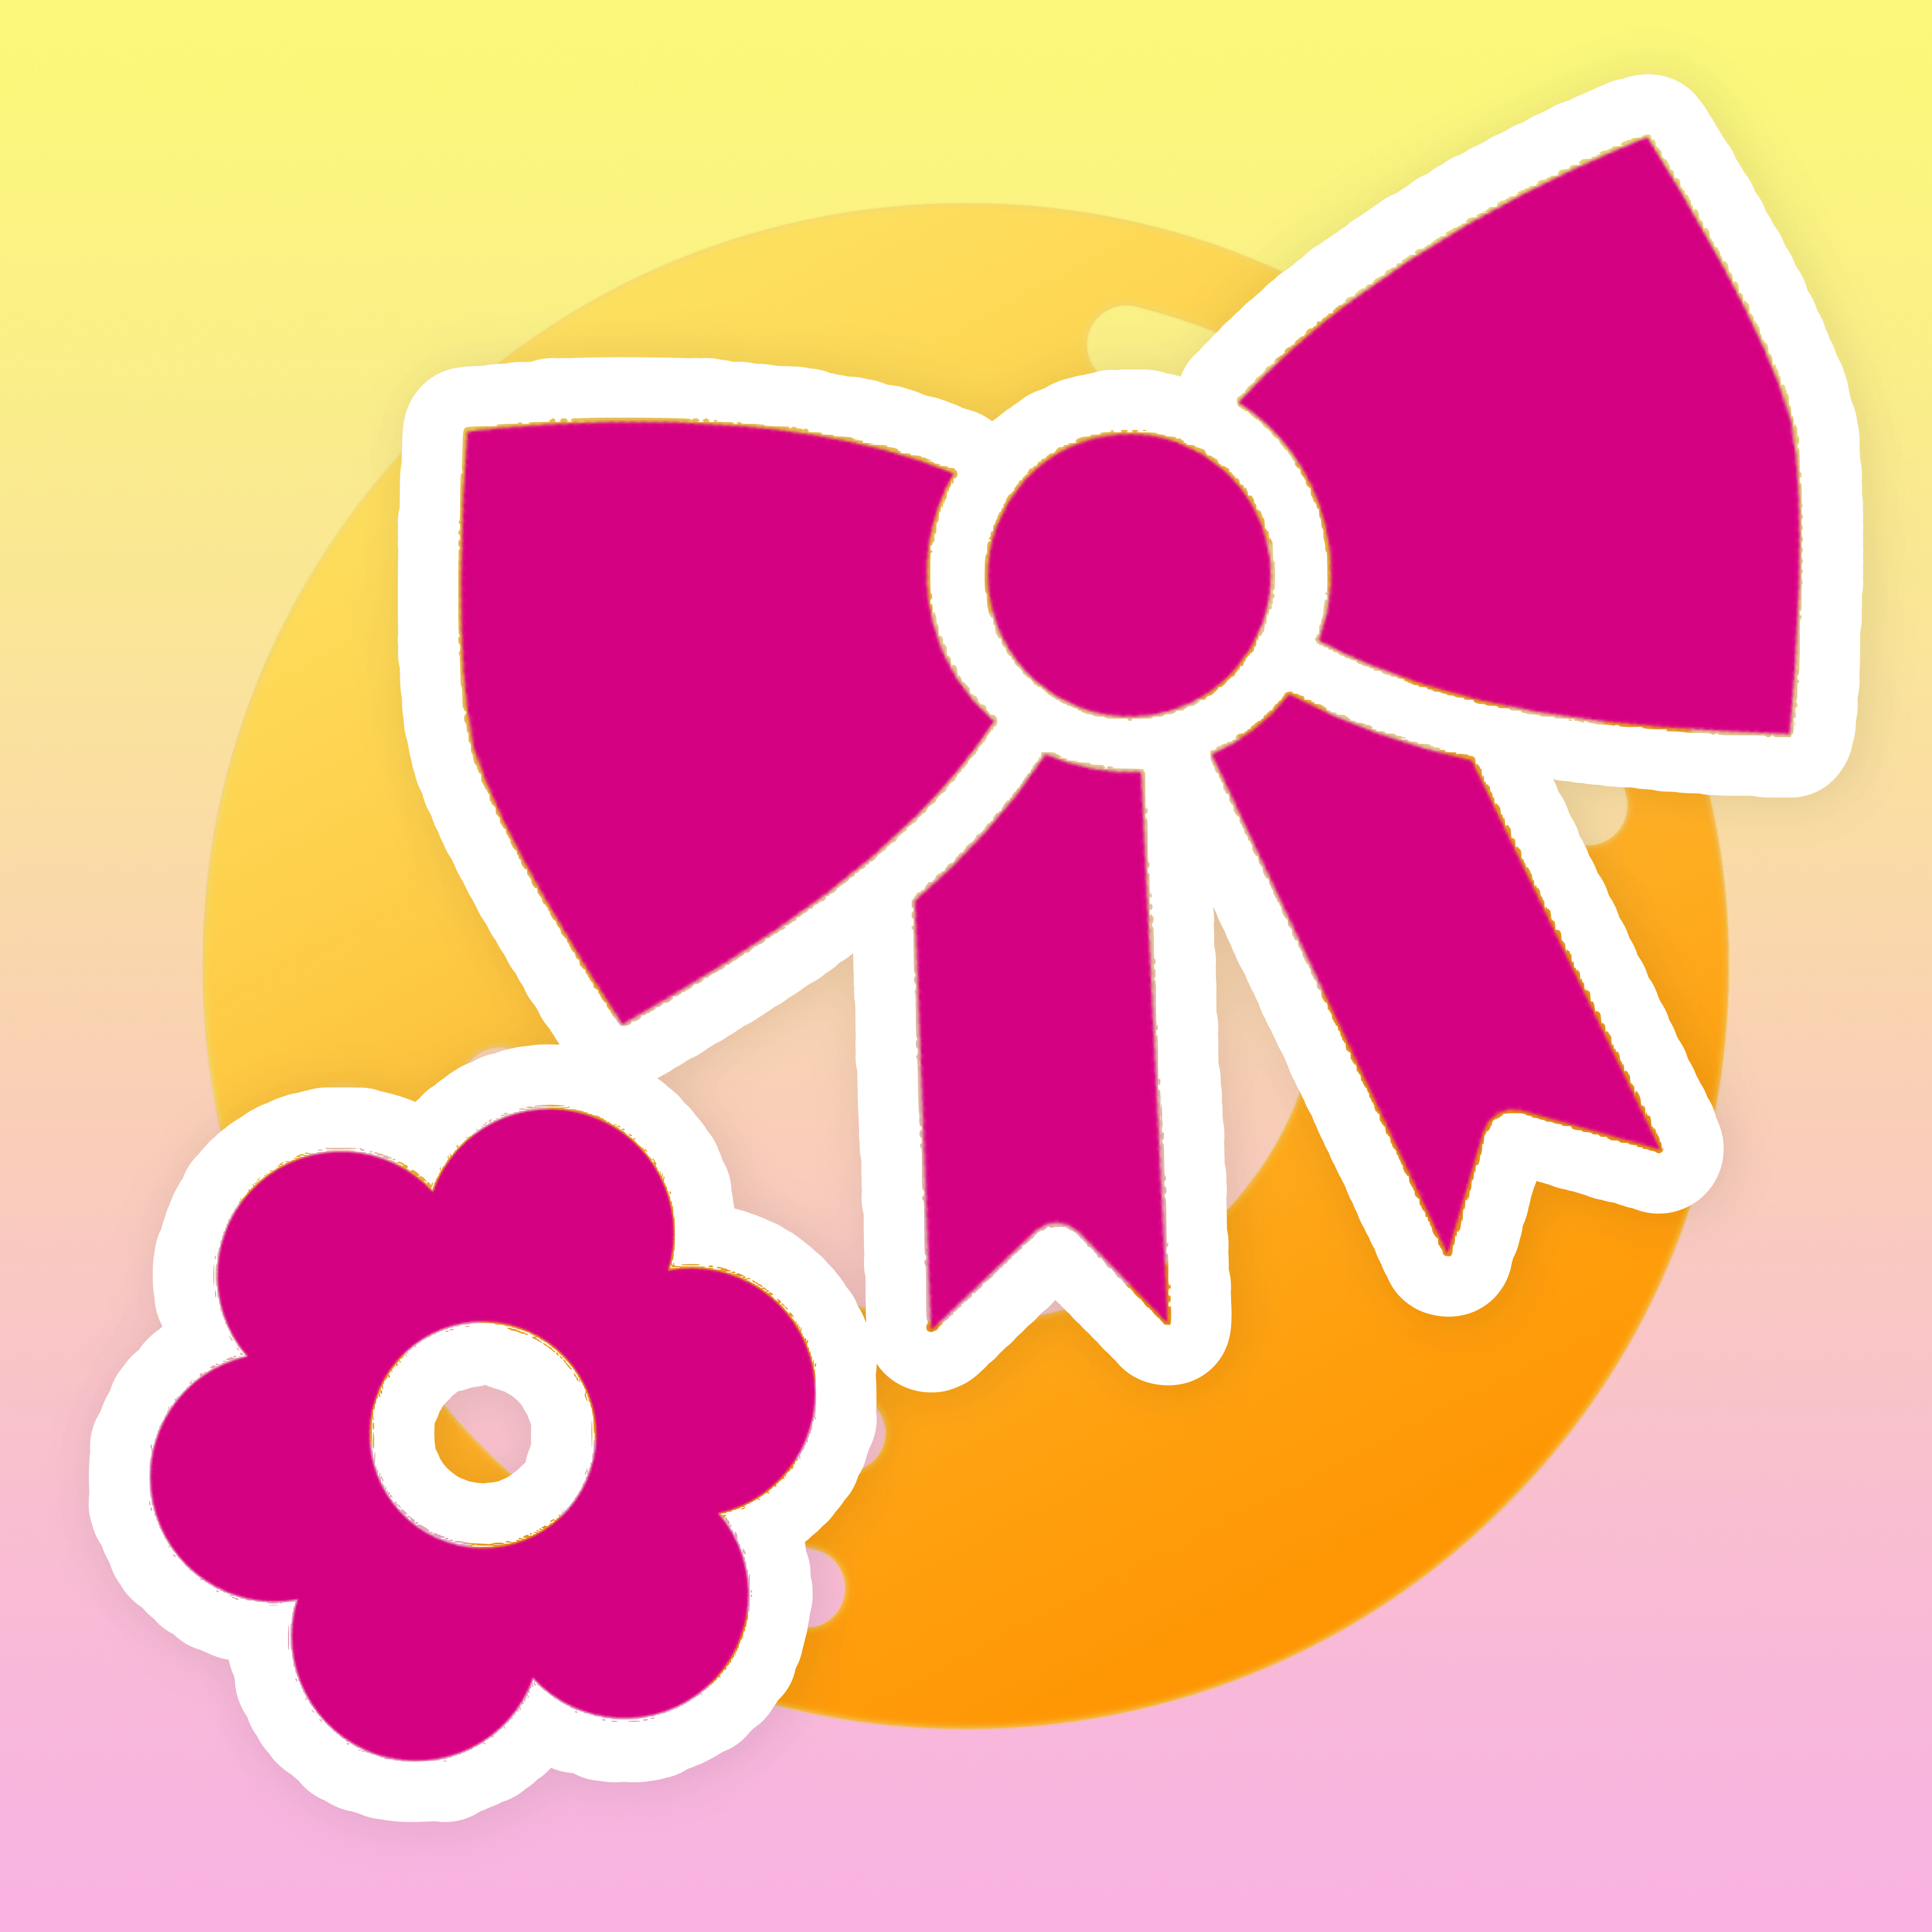 bzncu avatar